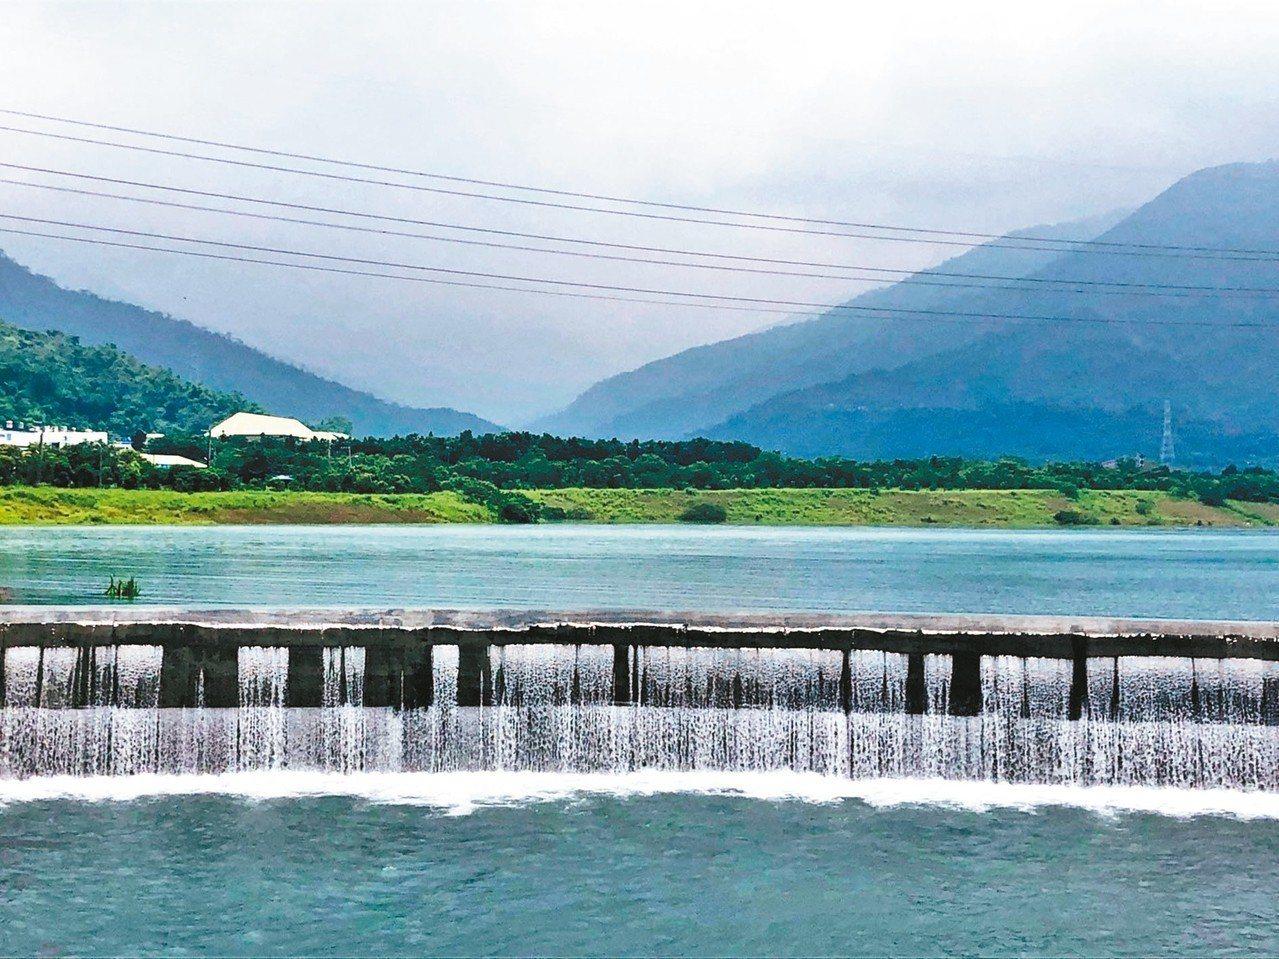 屏東縣大潮州人工湖最近引水後,在大山之下展現出大湖美景,但其實這裡是地下水補注湖...